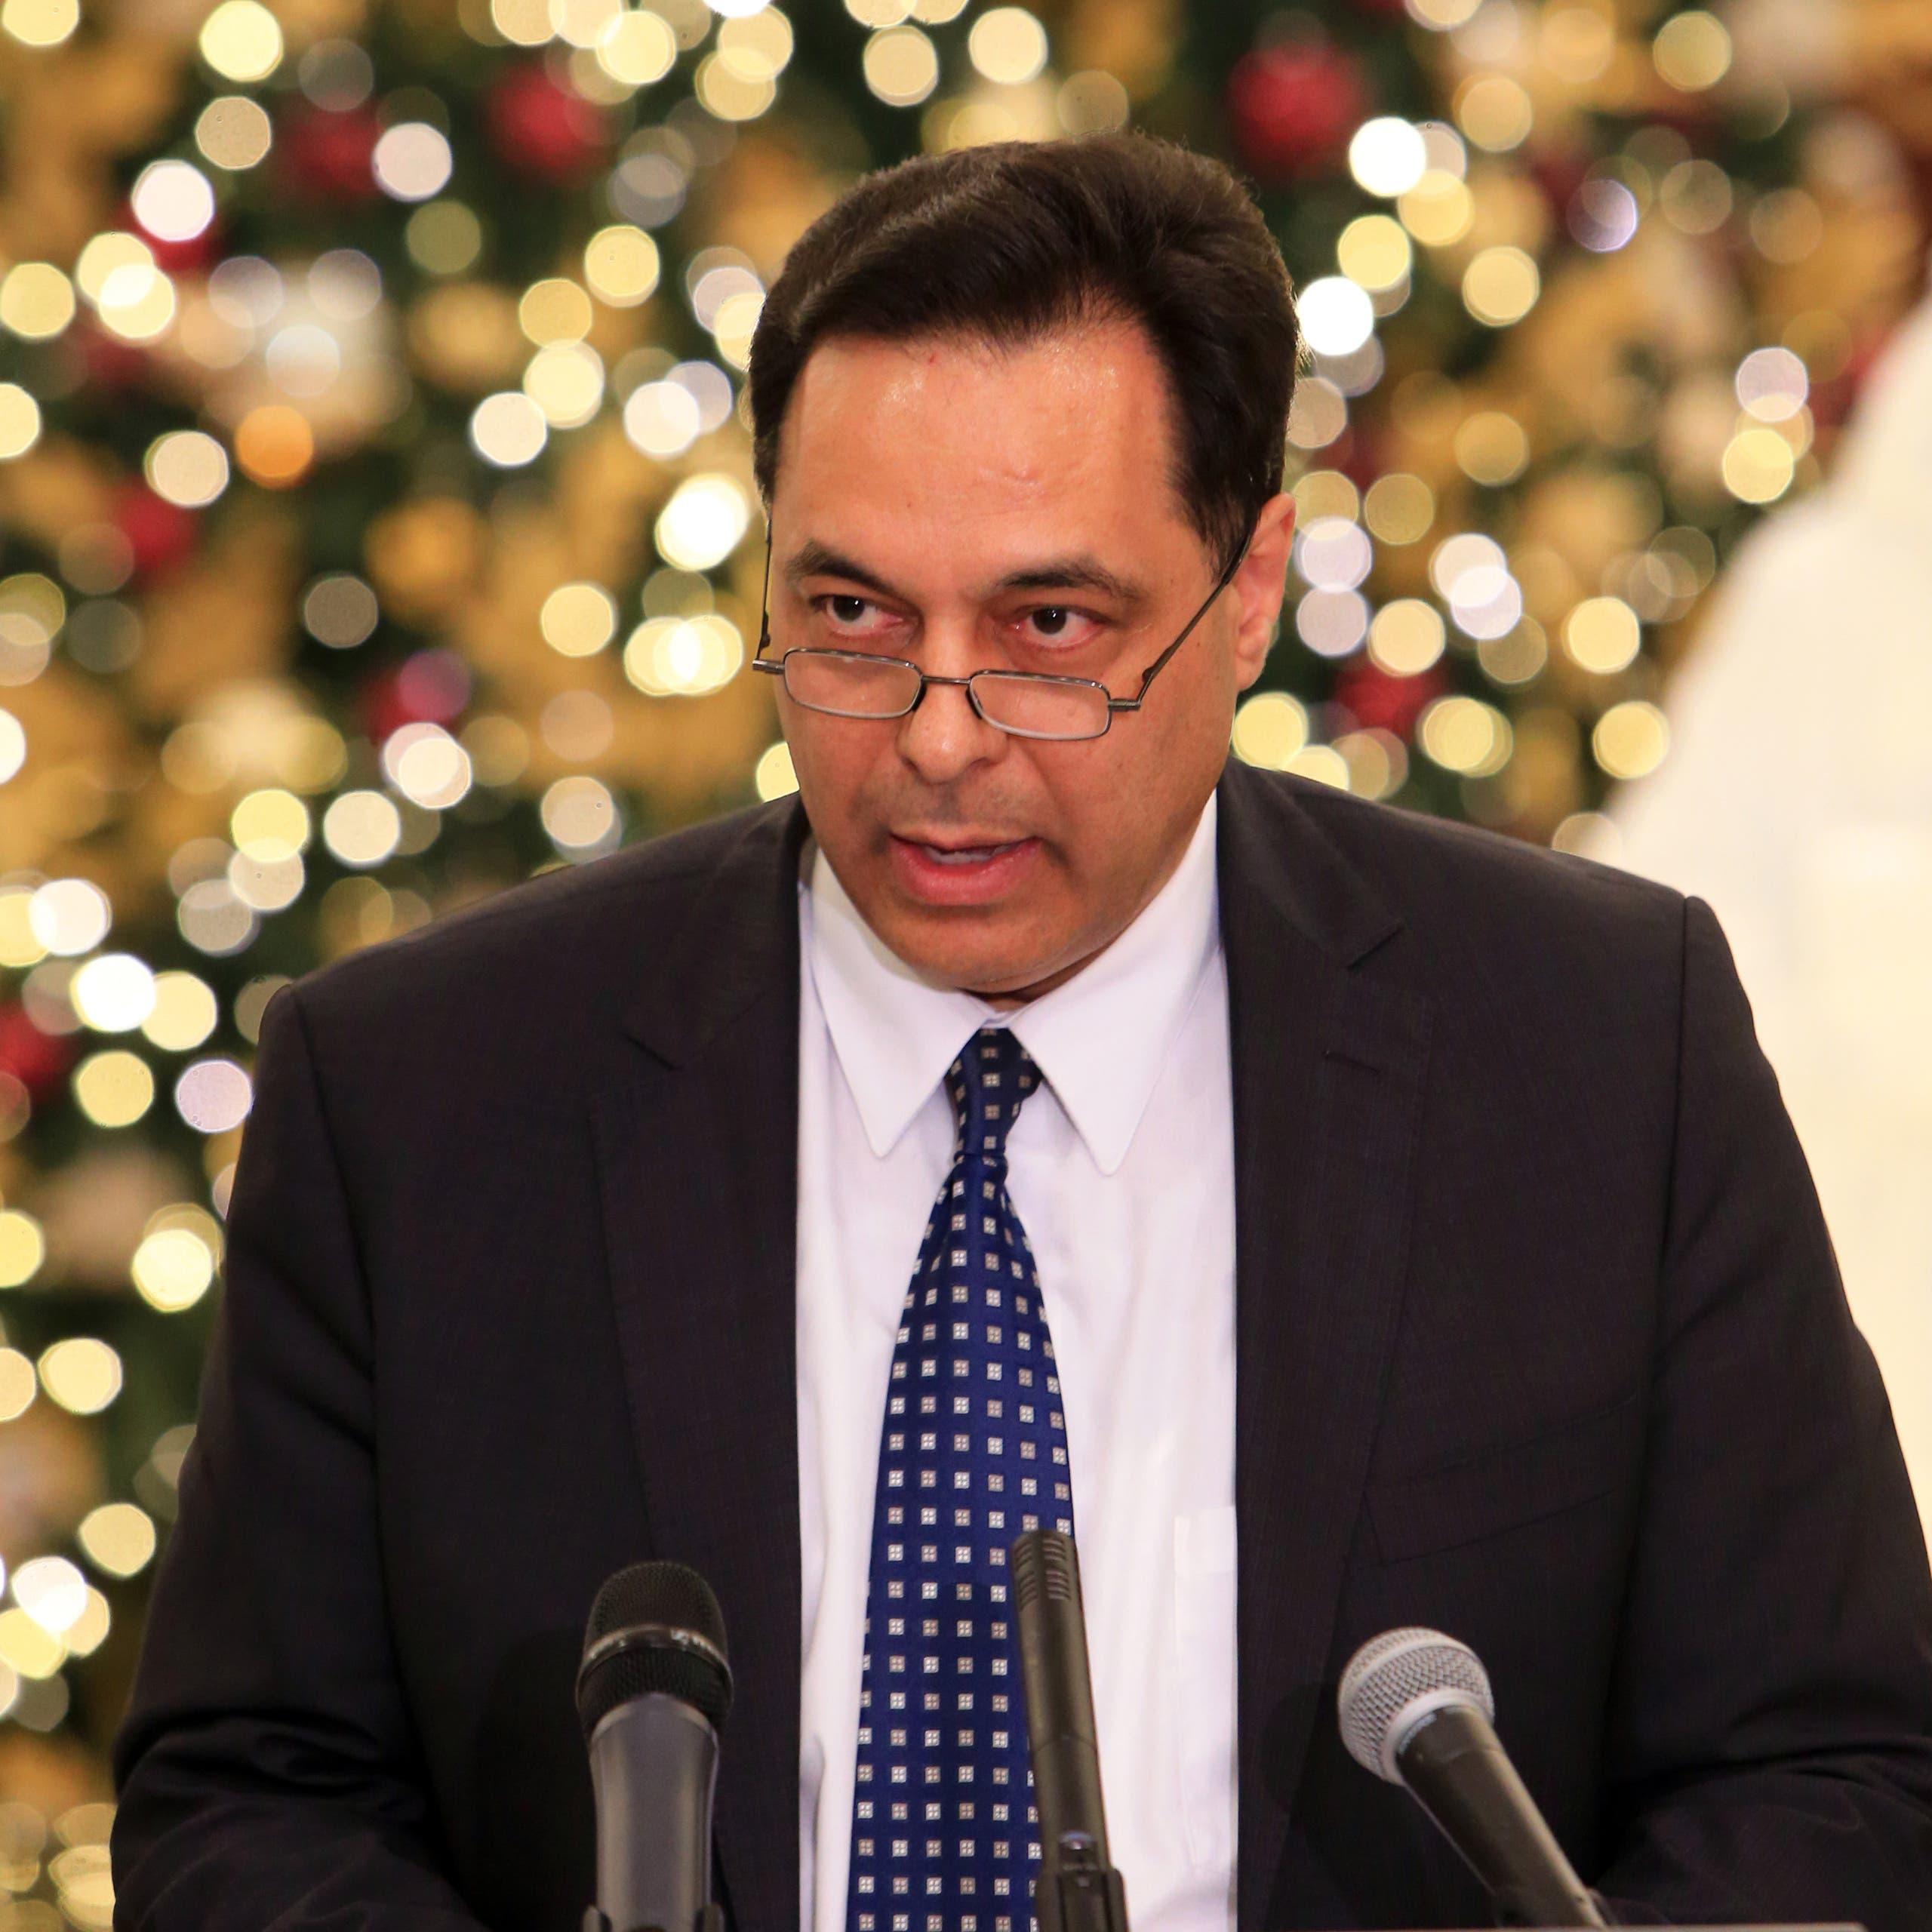 لبنان.. رئيس وزراء جديد أمام مشكلات اقتصادية مستعصية